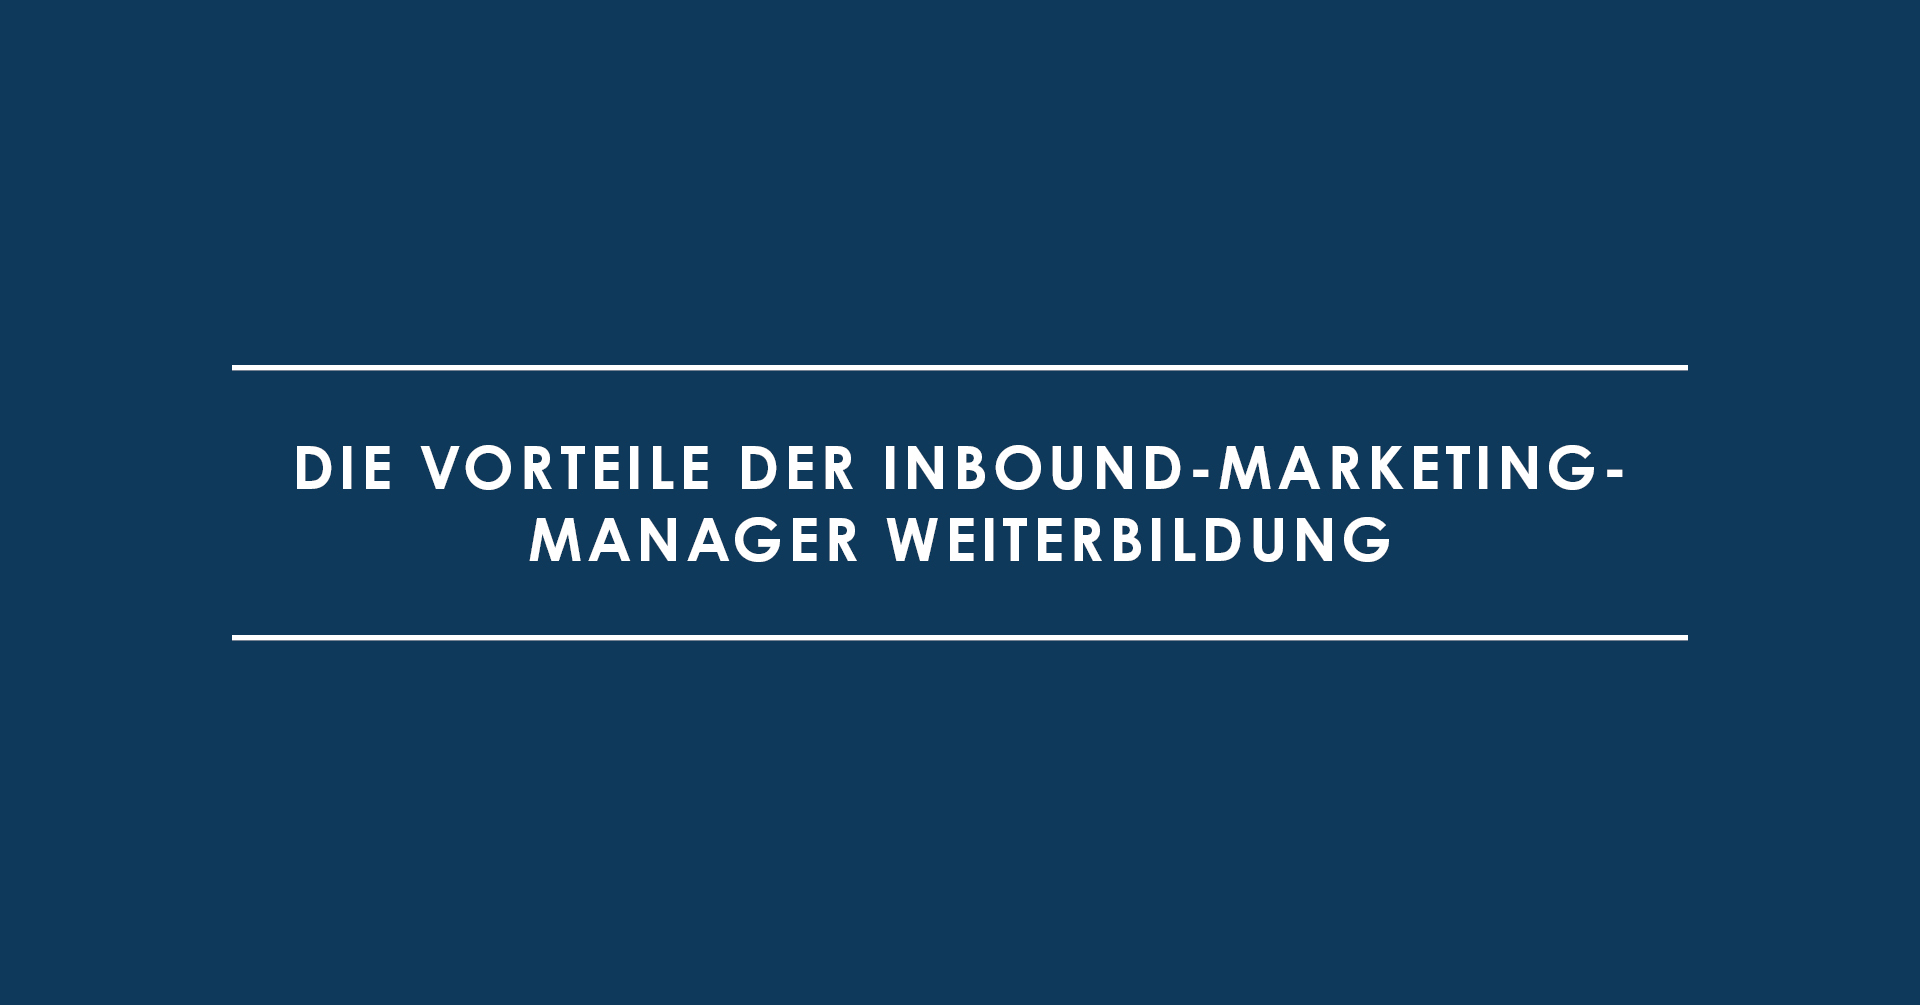 Die Vorteile der Inbound-Marketing-Manager Weiterbildung